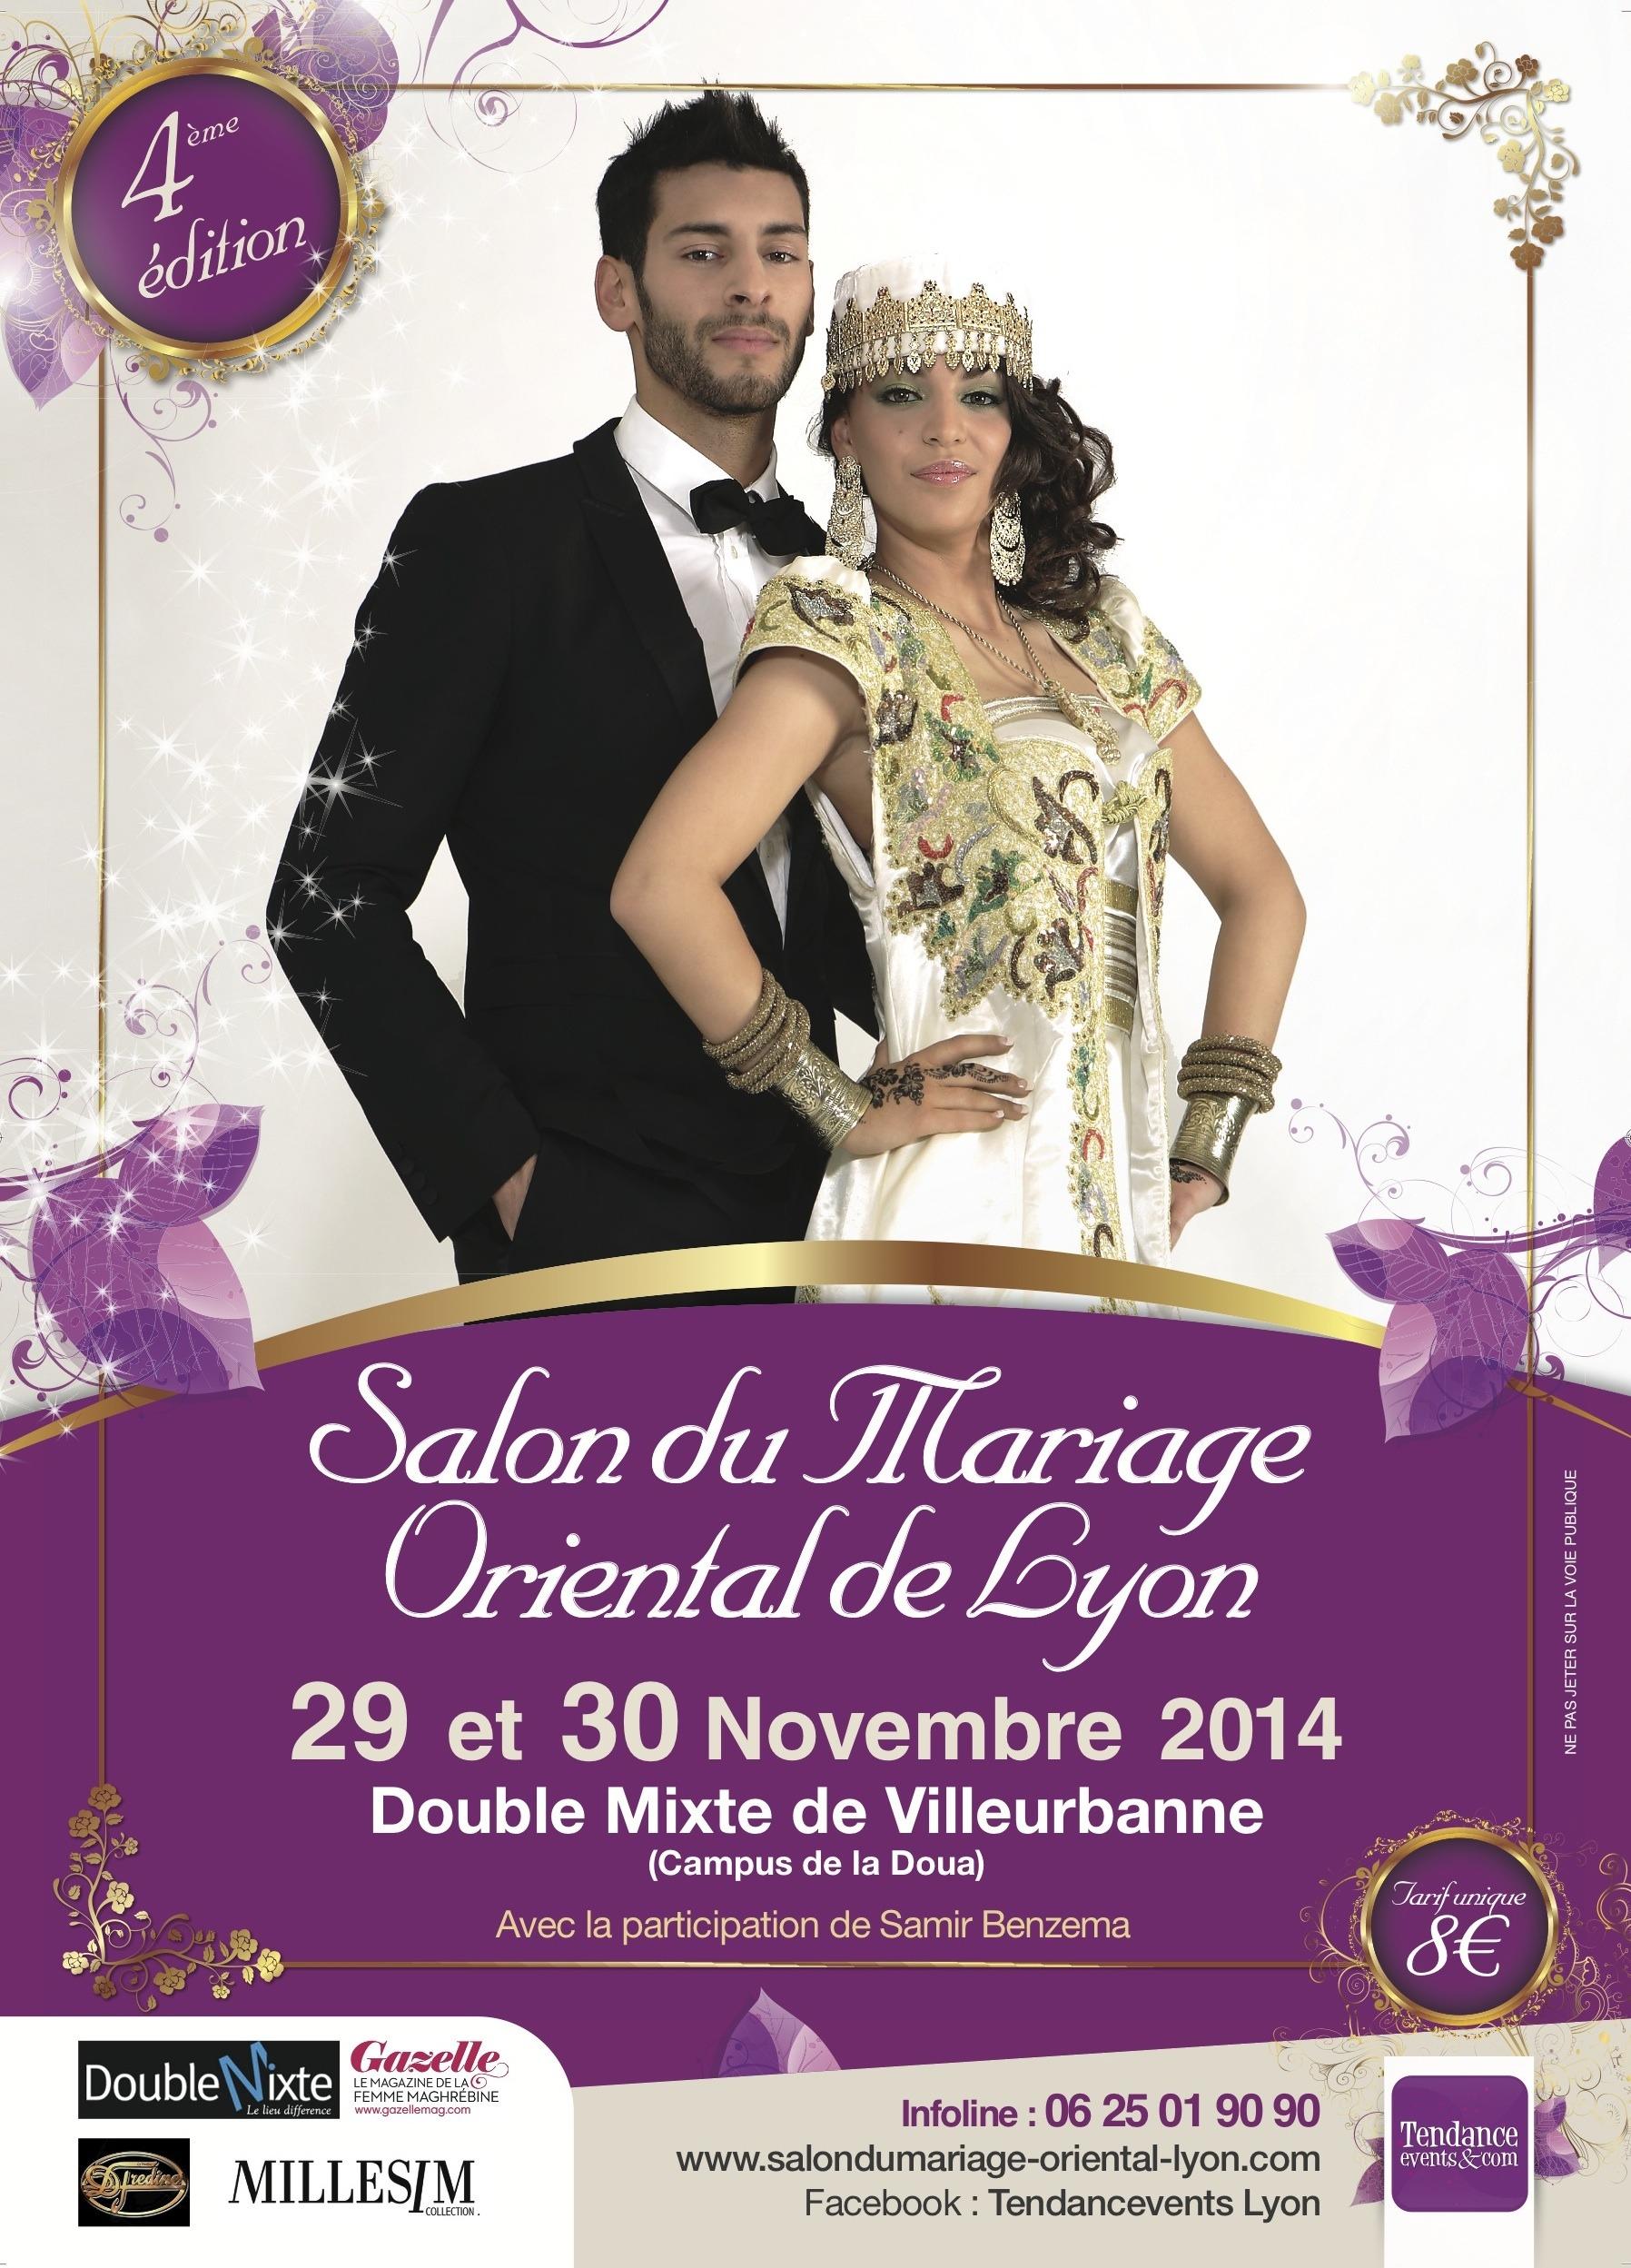 4e dition grand salon du mariage oriental de lyon by tendancevents agenda - Salon du mariage oriental 2015 paris ...